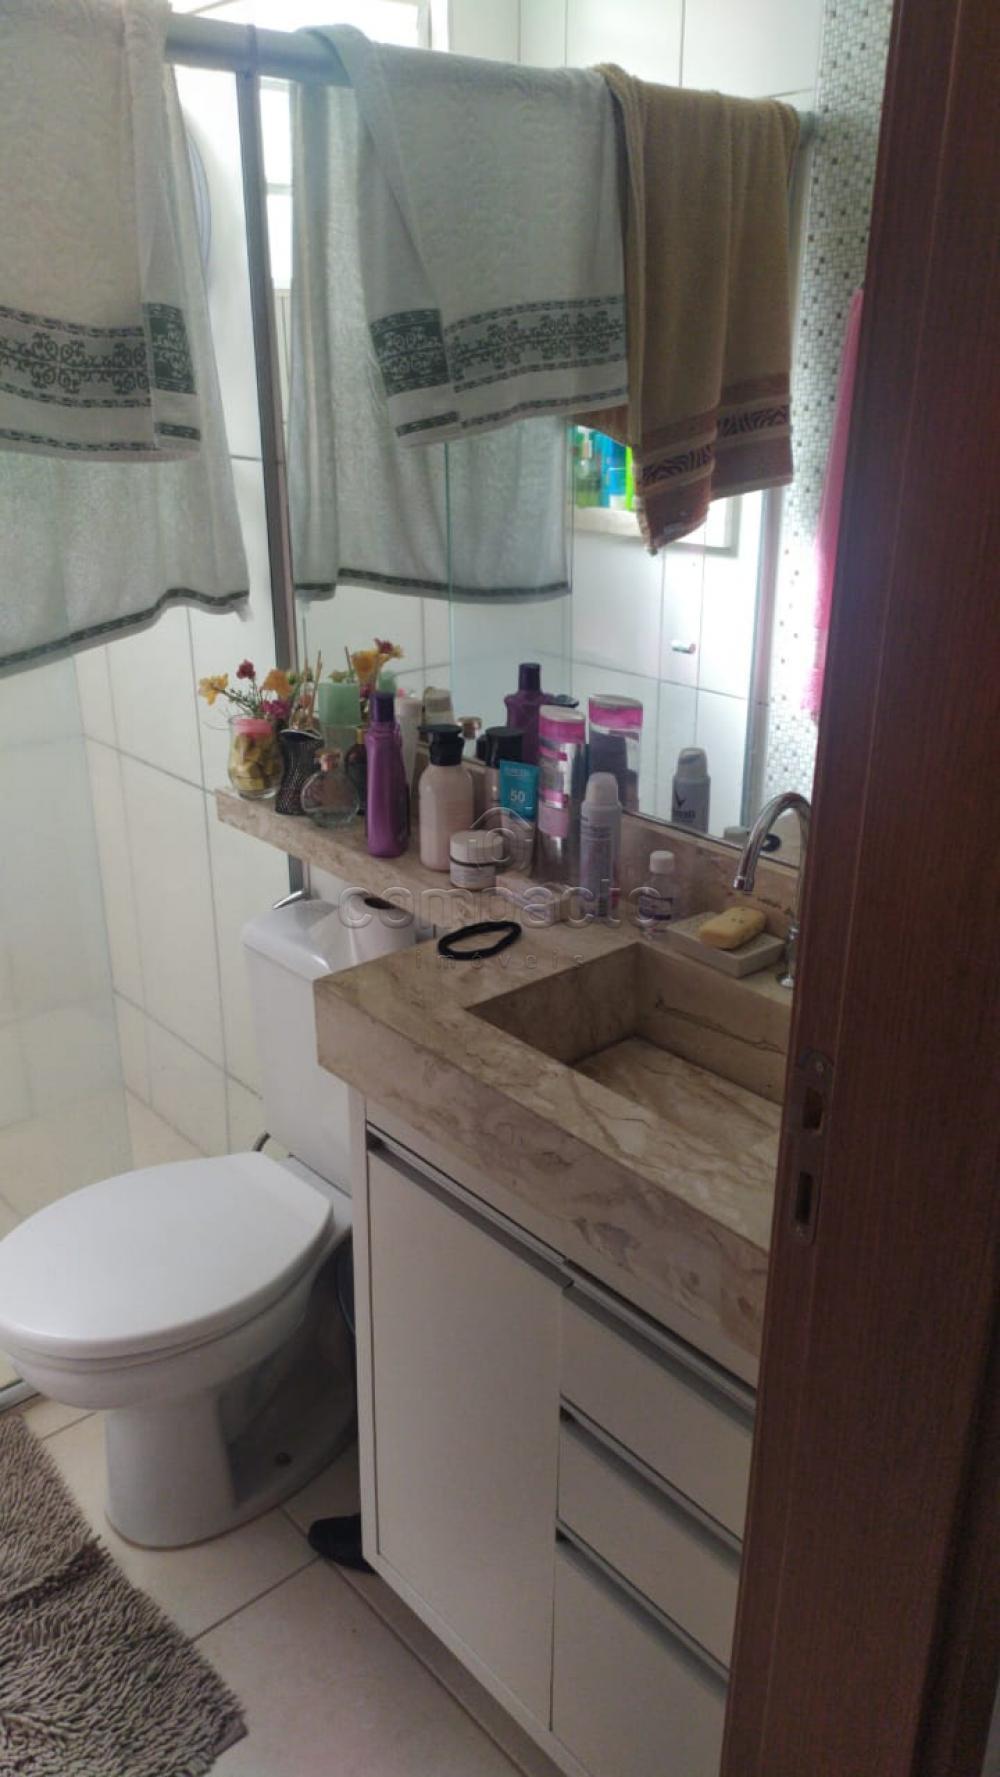 Comprar Apartamento / Padrão em São José do Rio Preto apenas R$ 190.000,00 - Foto 4